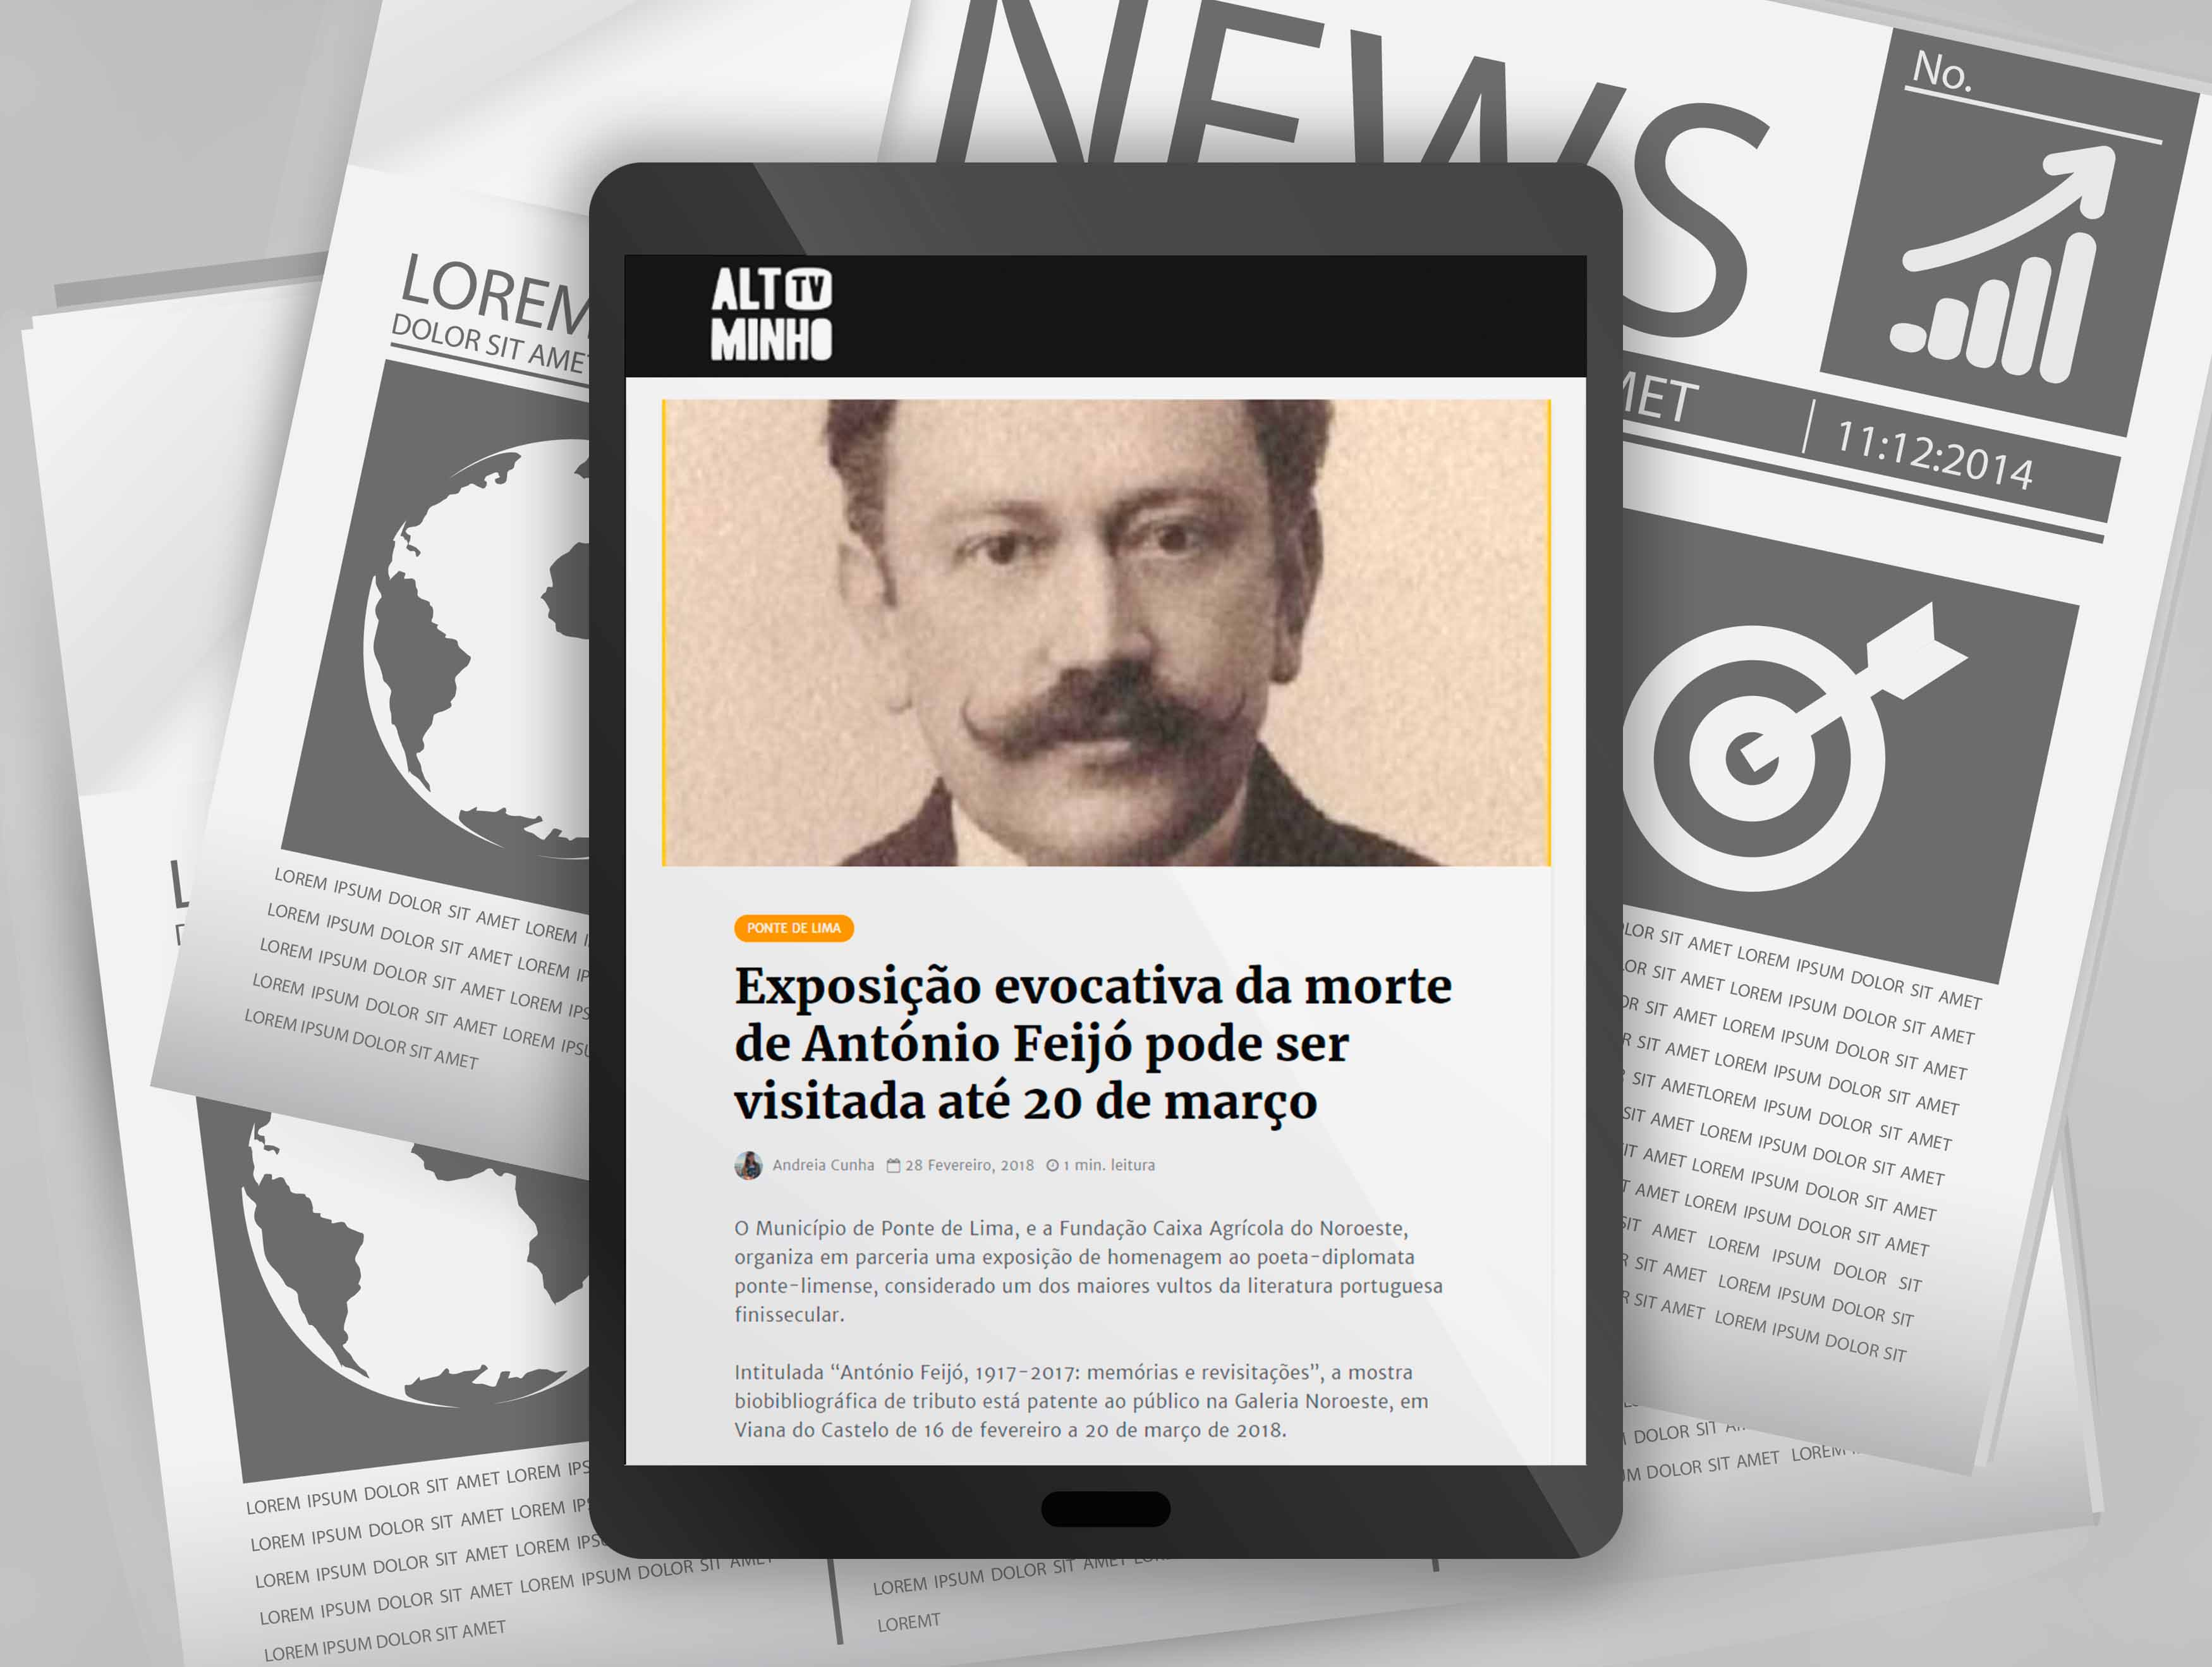 Exposição evocativa da morte de António Feijó